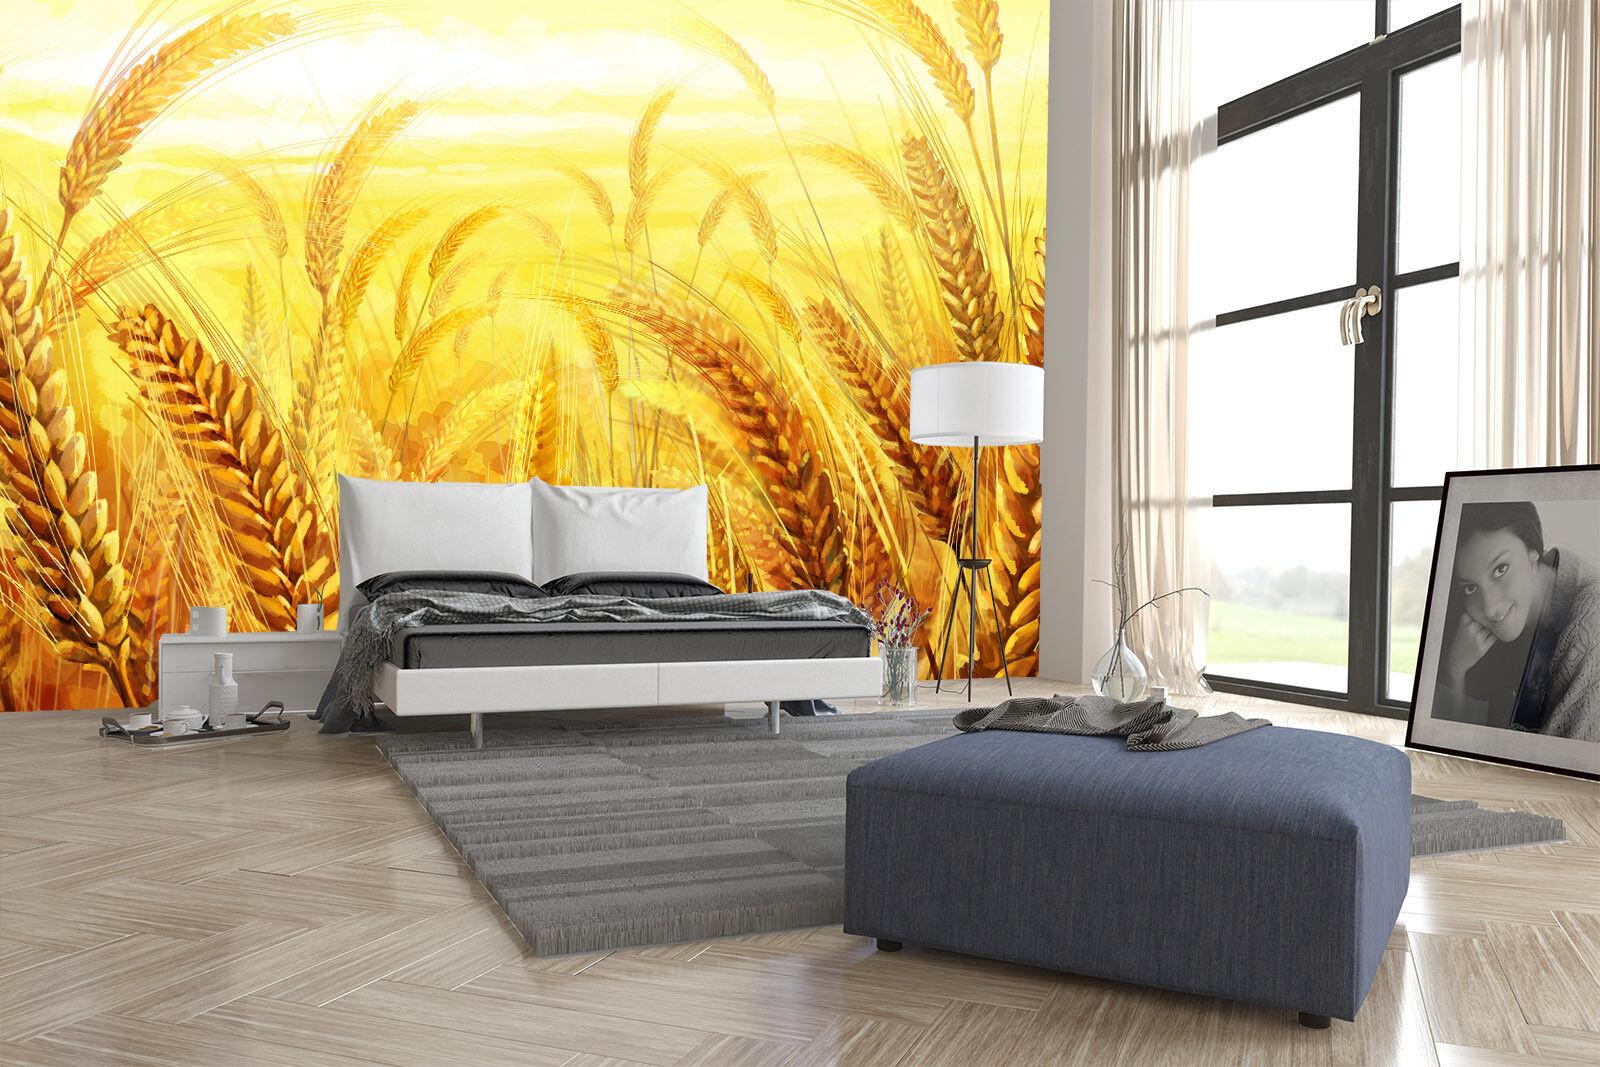 3D Goldenes Weizenfeld 88 Tapete Wandgemälde Tapete Tapeten Bild Bild Bild Familie DE | Deutschland Outlet  | Nutzen Sie Materialien voll aus  |  75109f